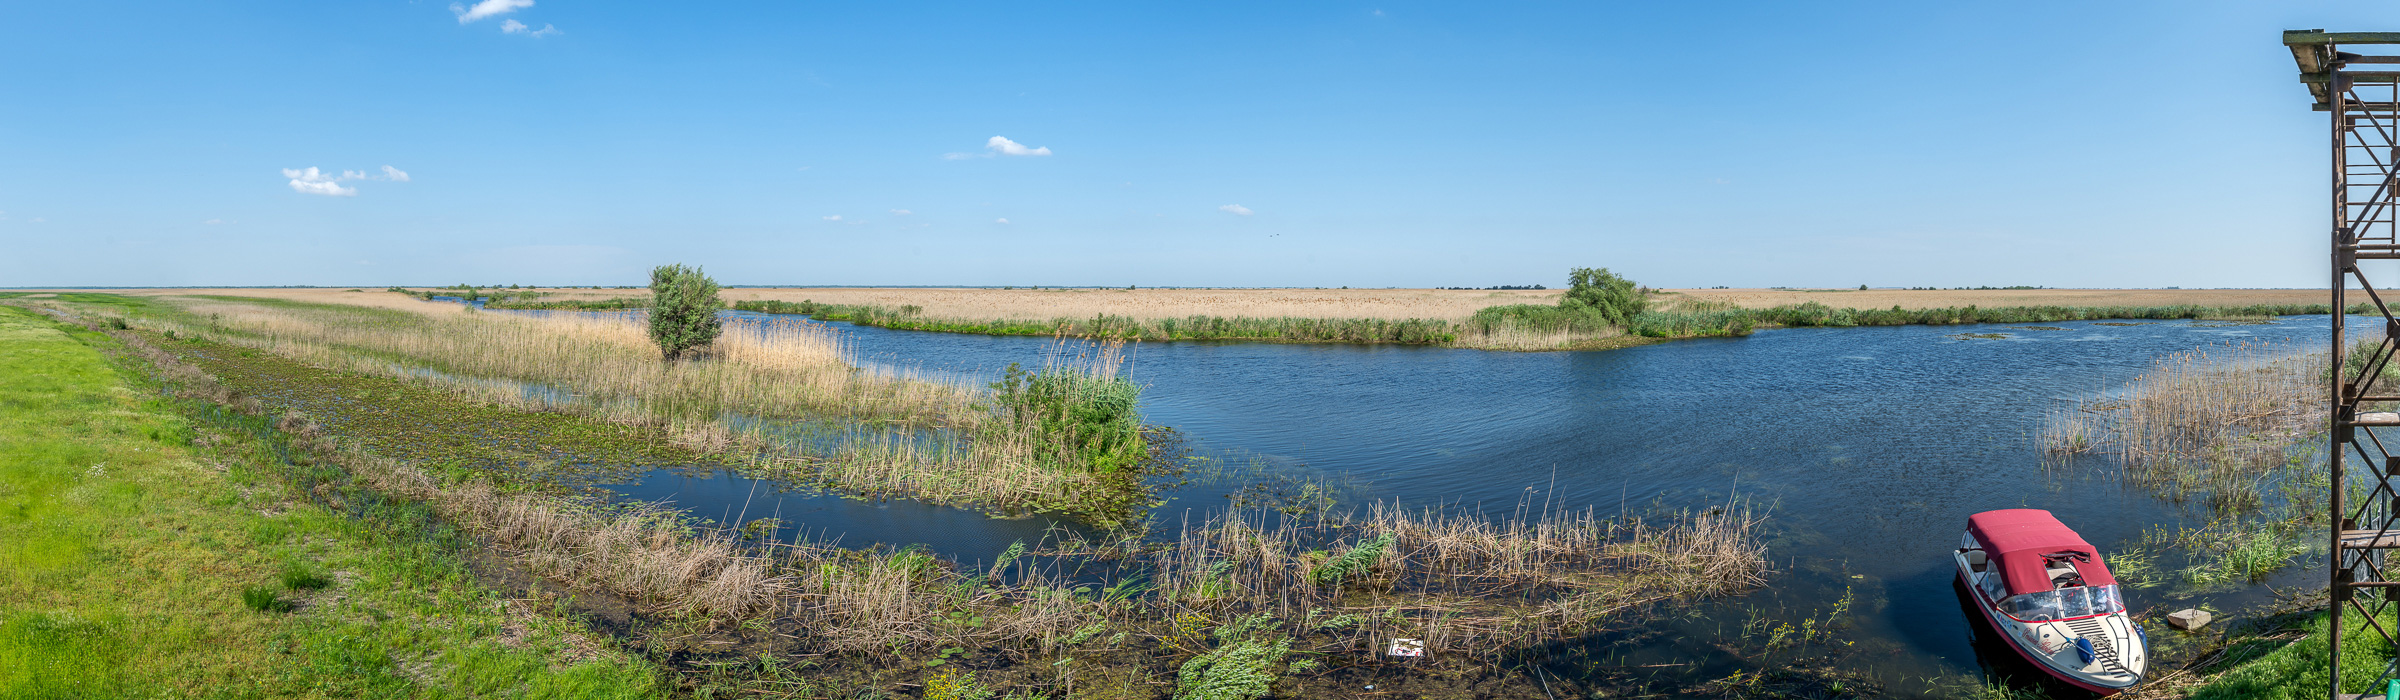 Landschaft im Donaudelta